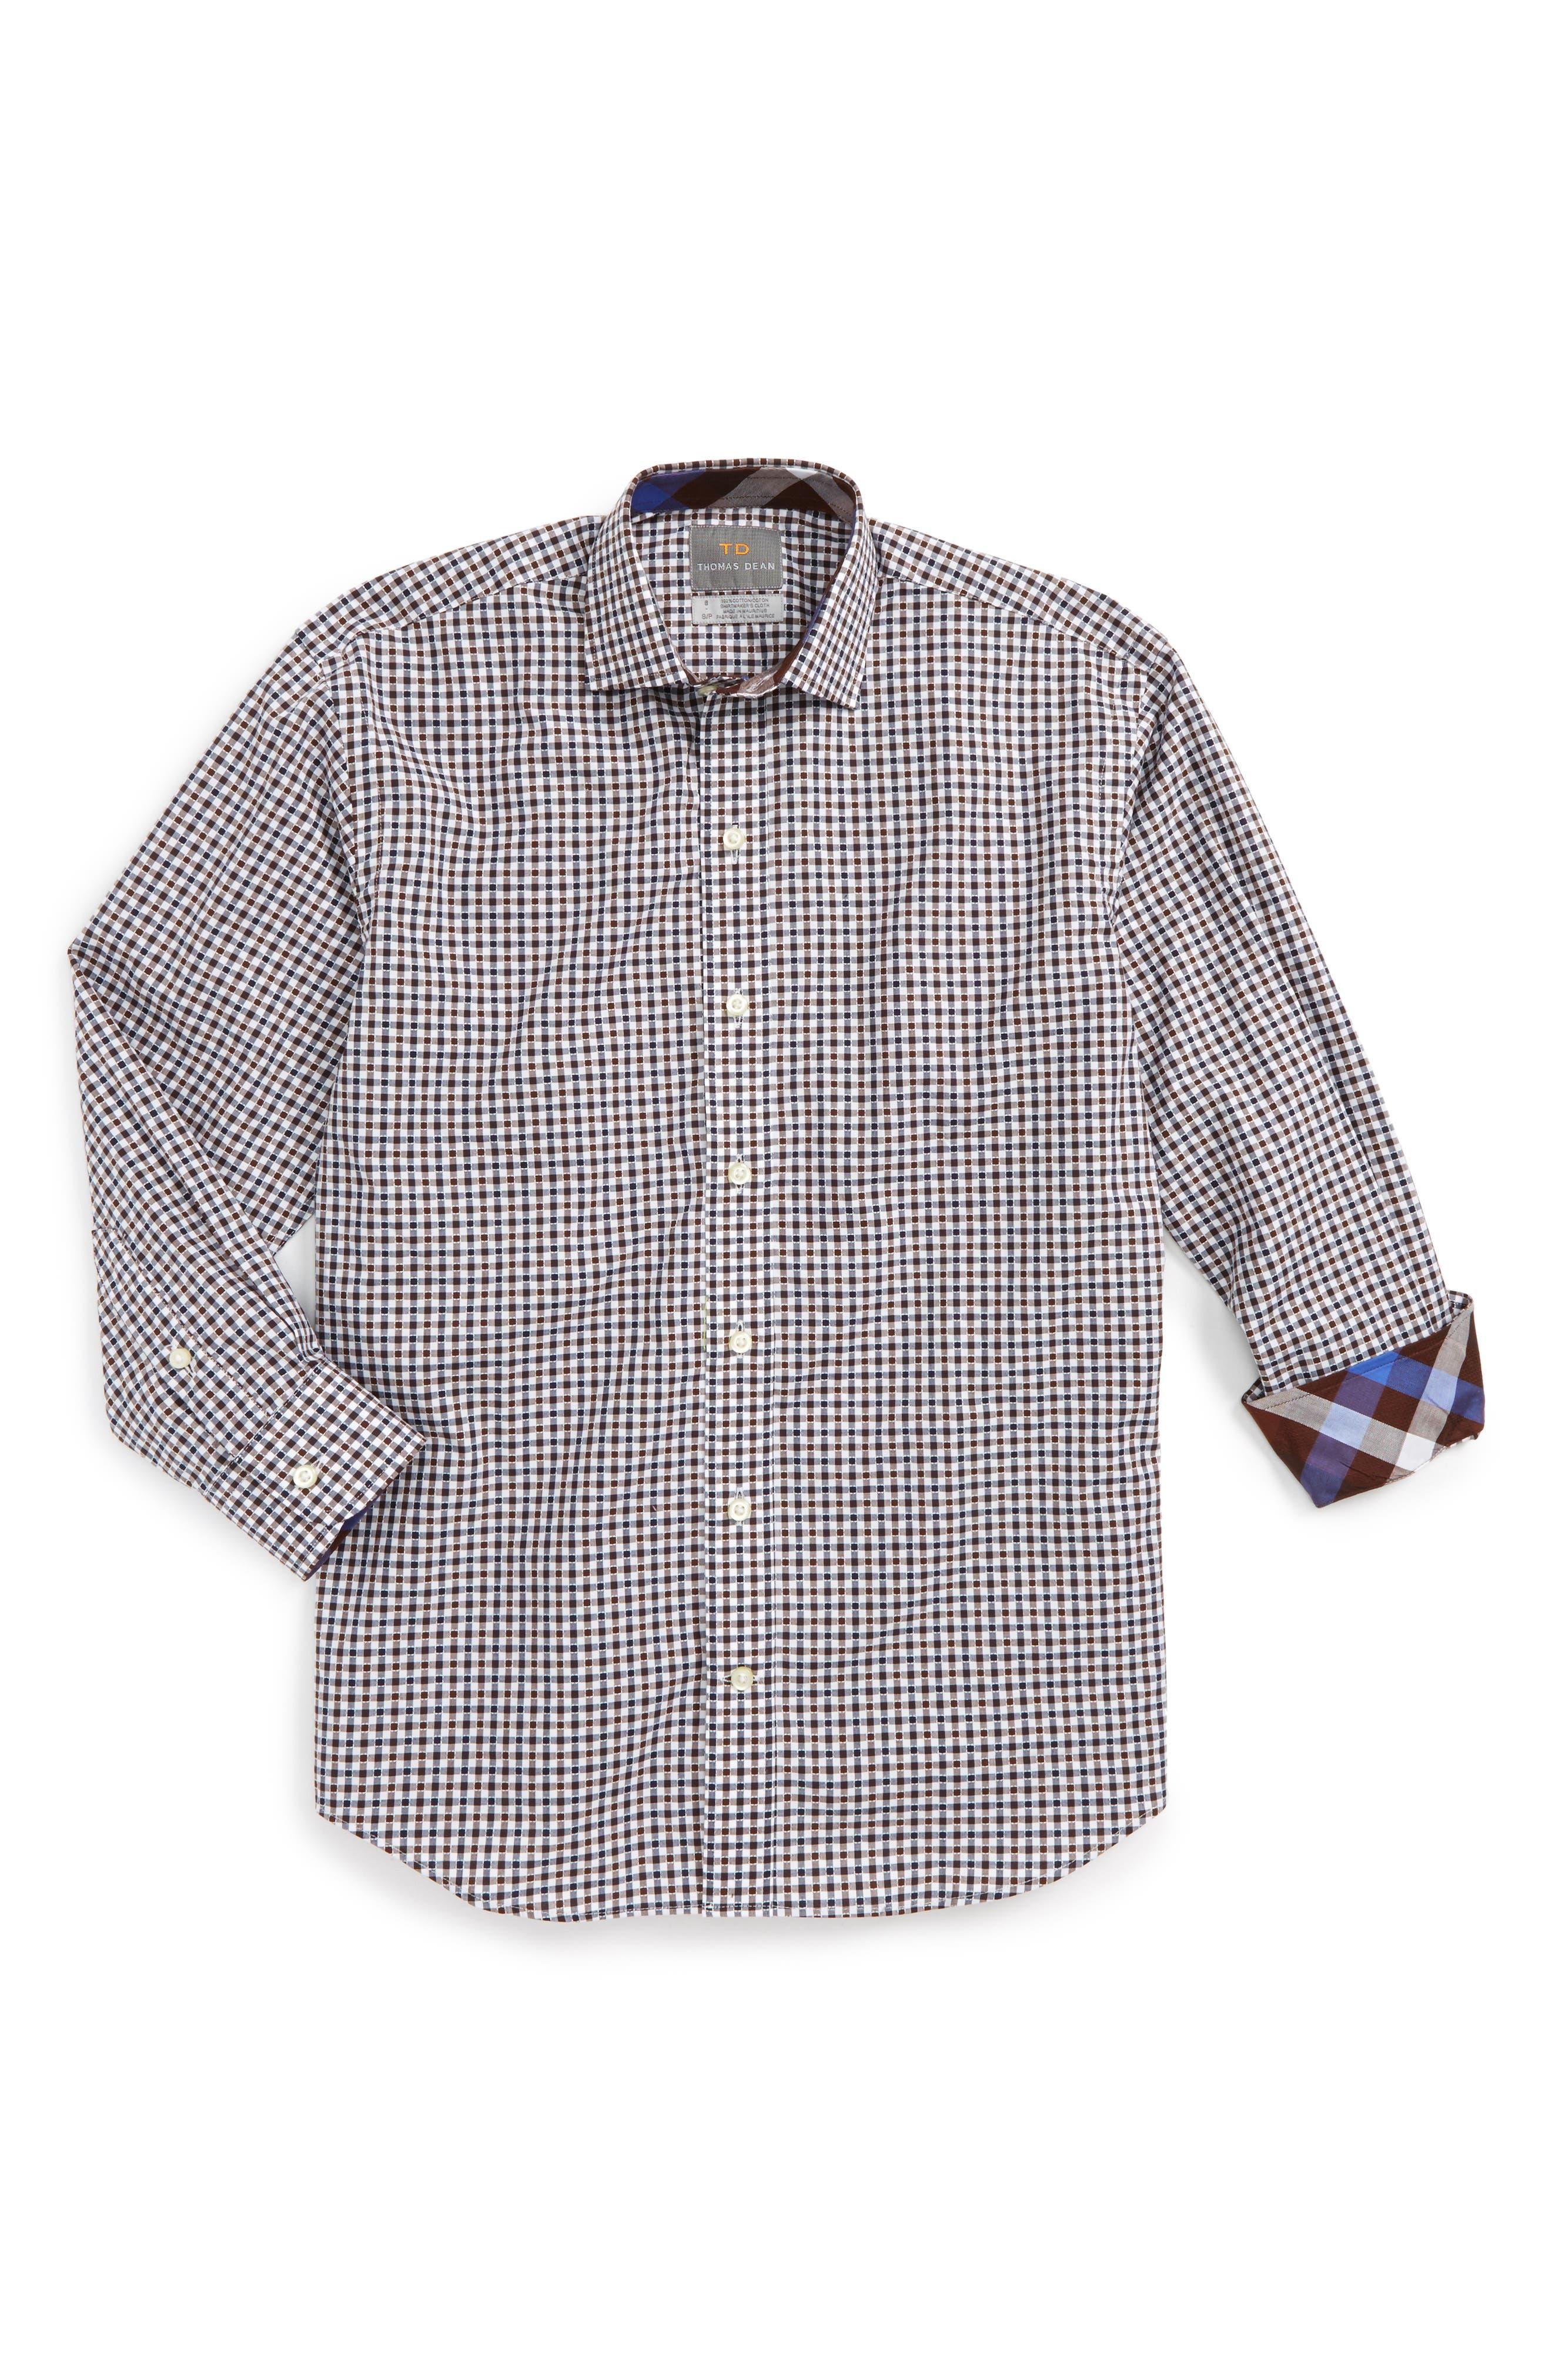 Check Dress Shirt,                             Main thumbnail 1, color,                             200